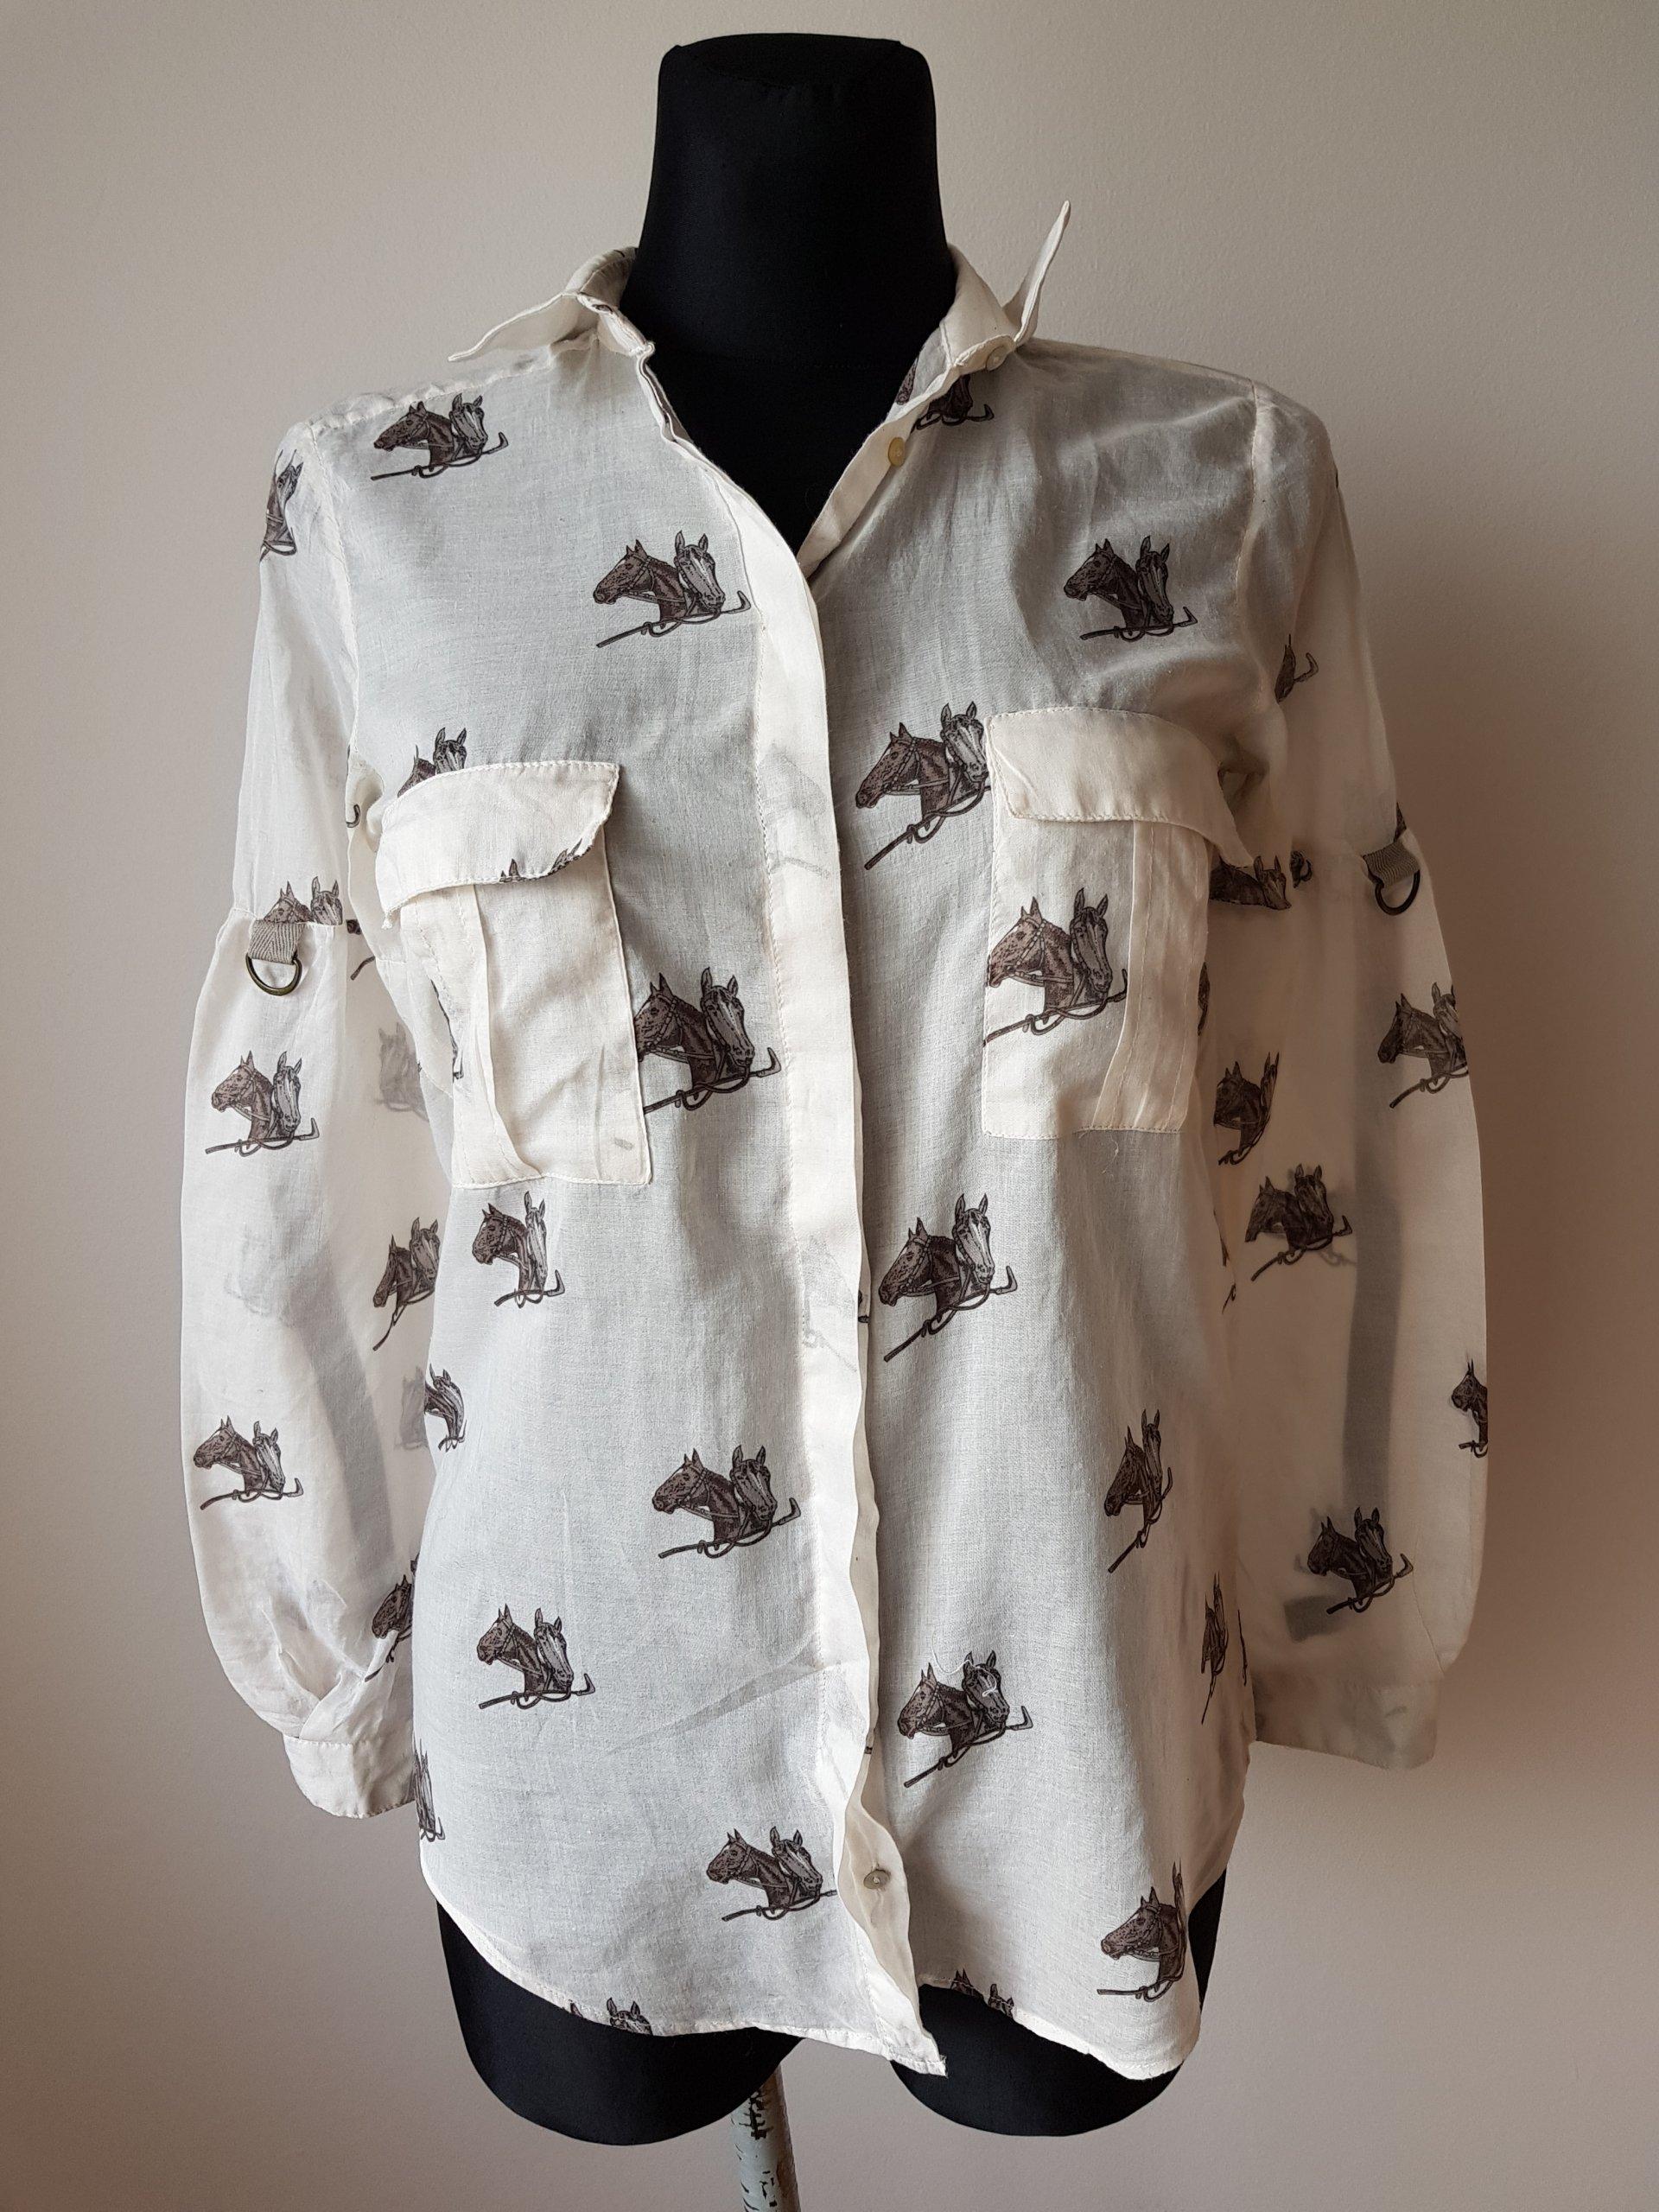 ZARA Beżowa koszula w konie 36 S 7015524413 oficjalne  orWzj